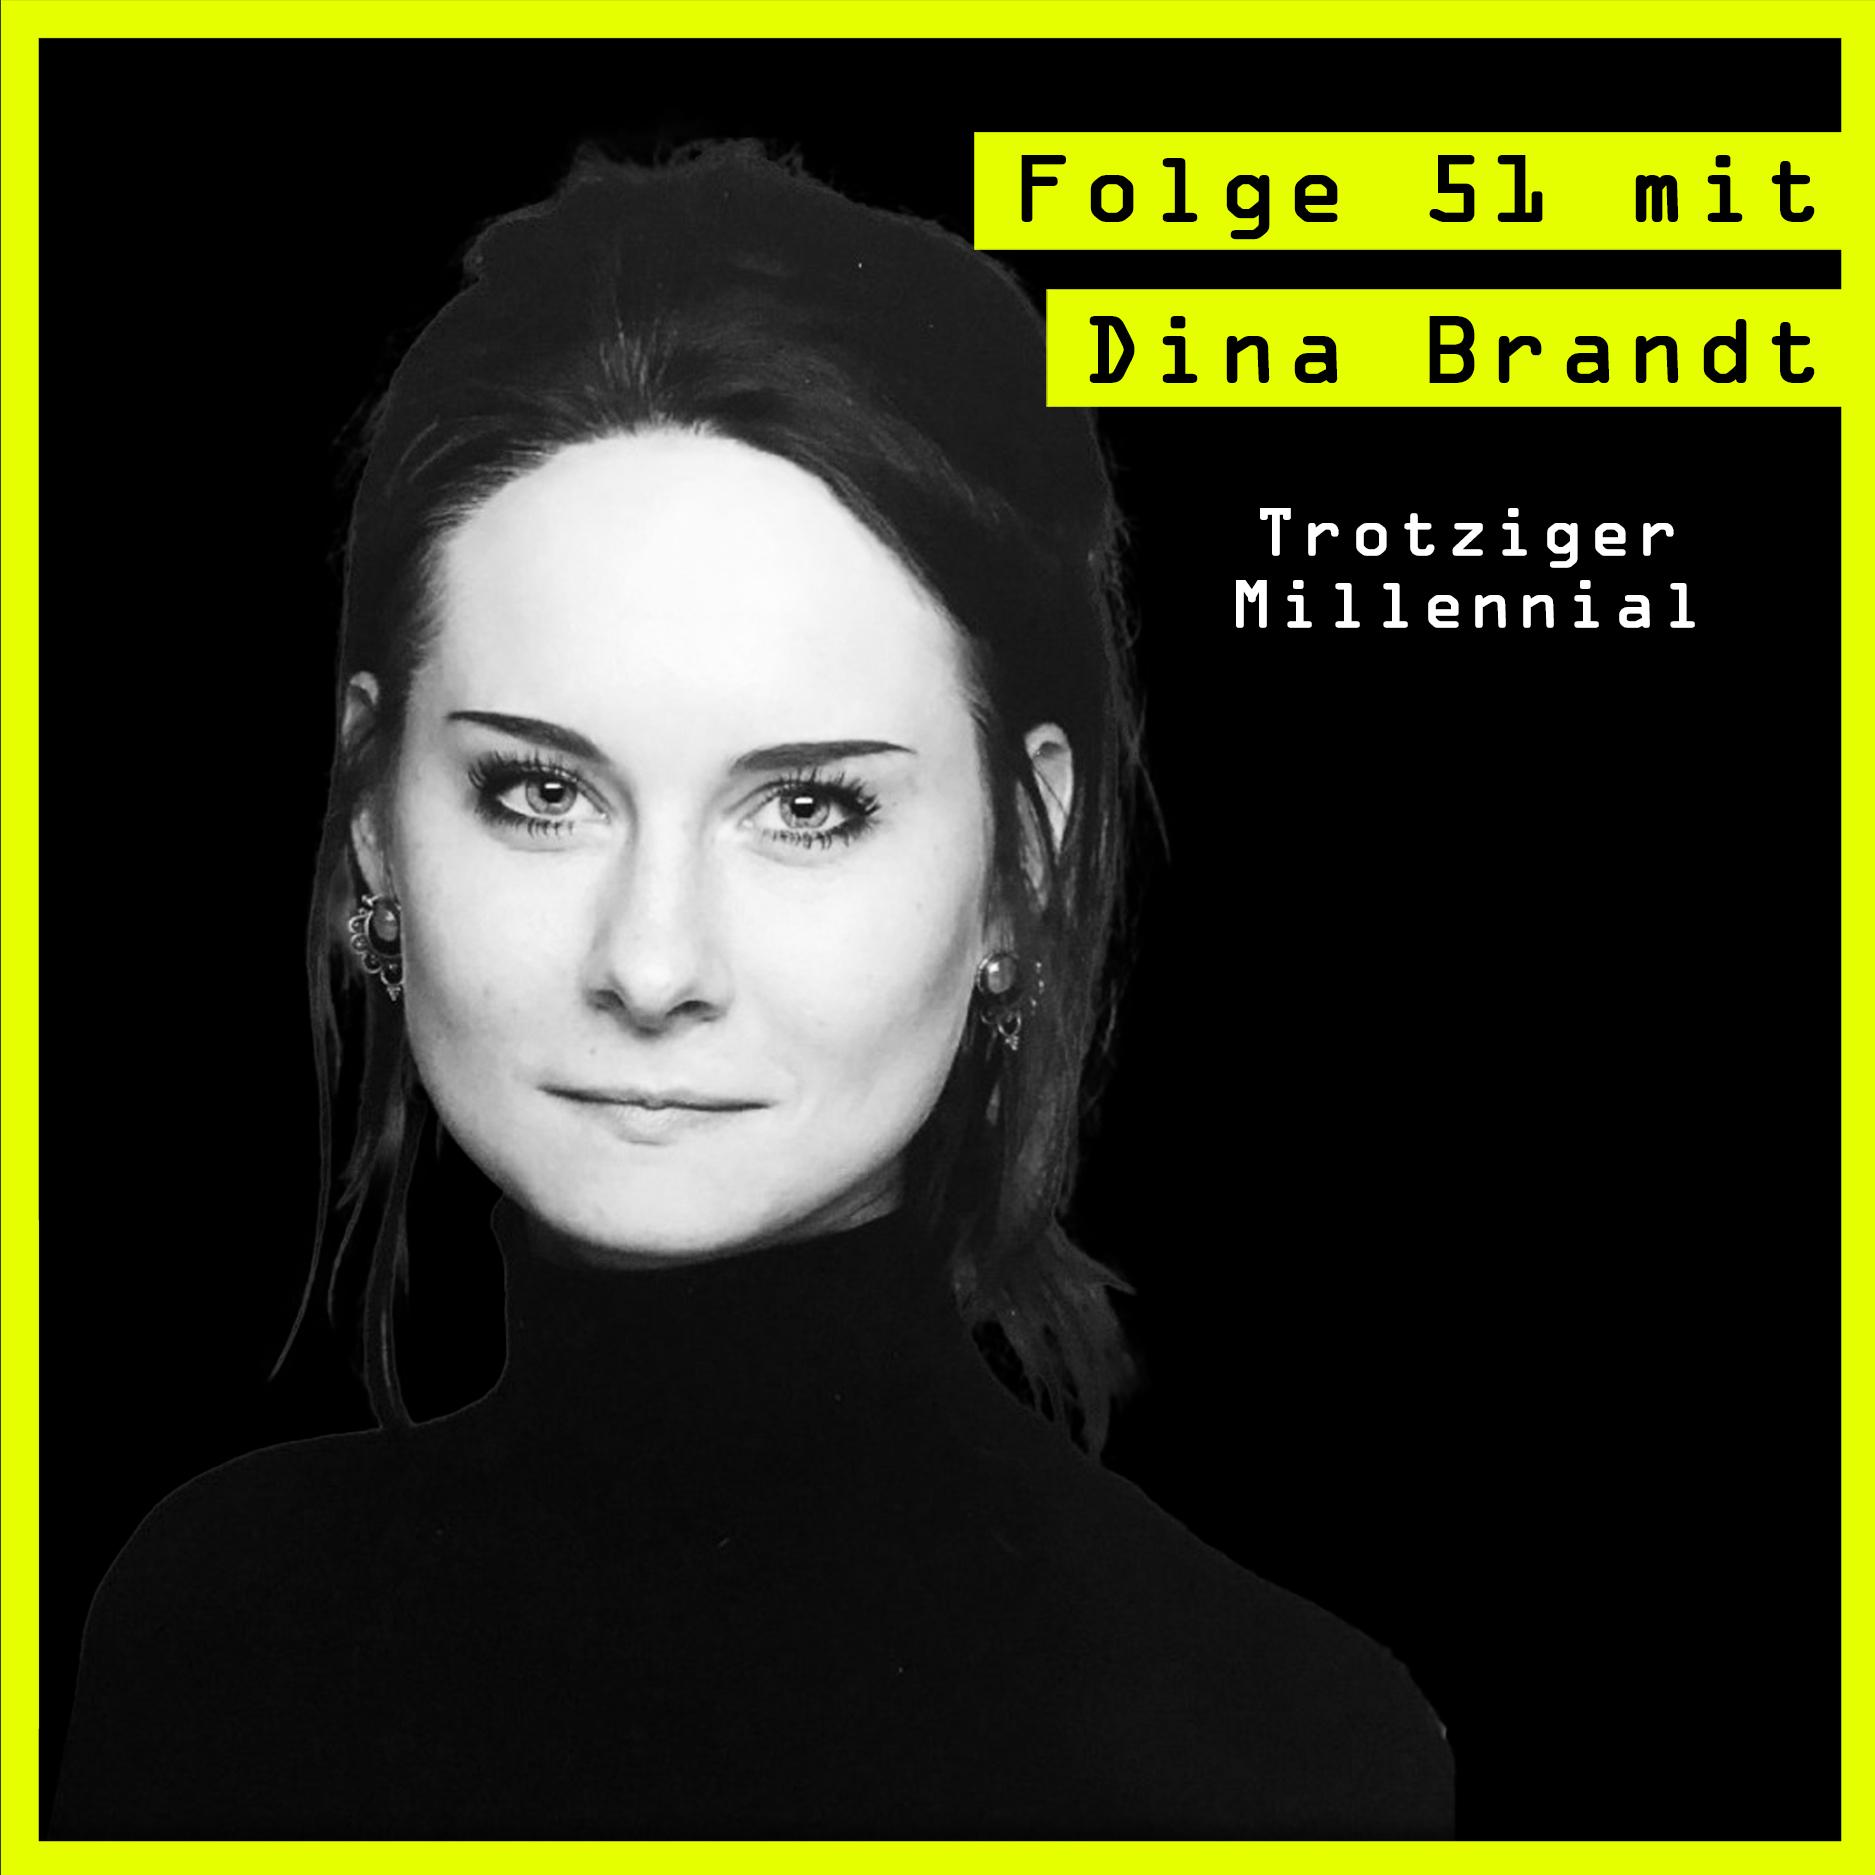 #51 mit Dina Brandt (Trotziger Millennial) über fluchen, tanzen und Herzensthemen